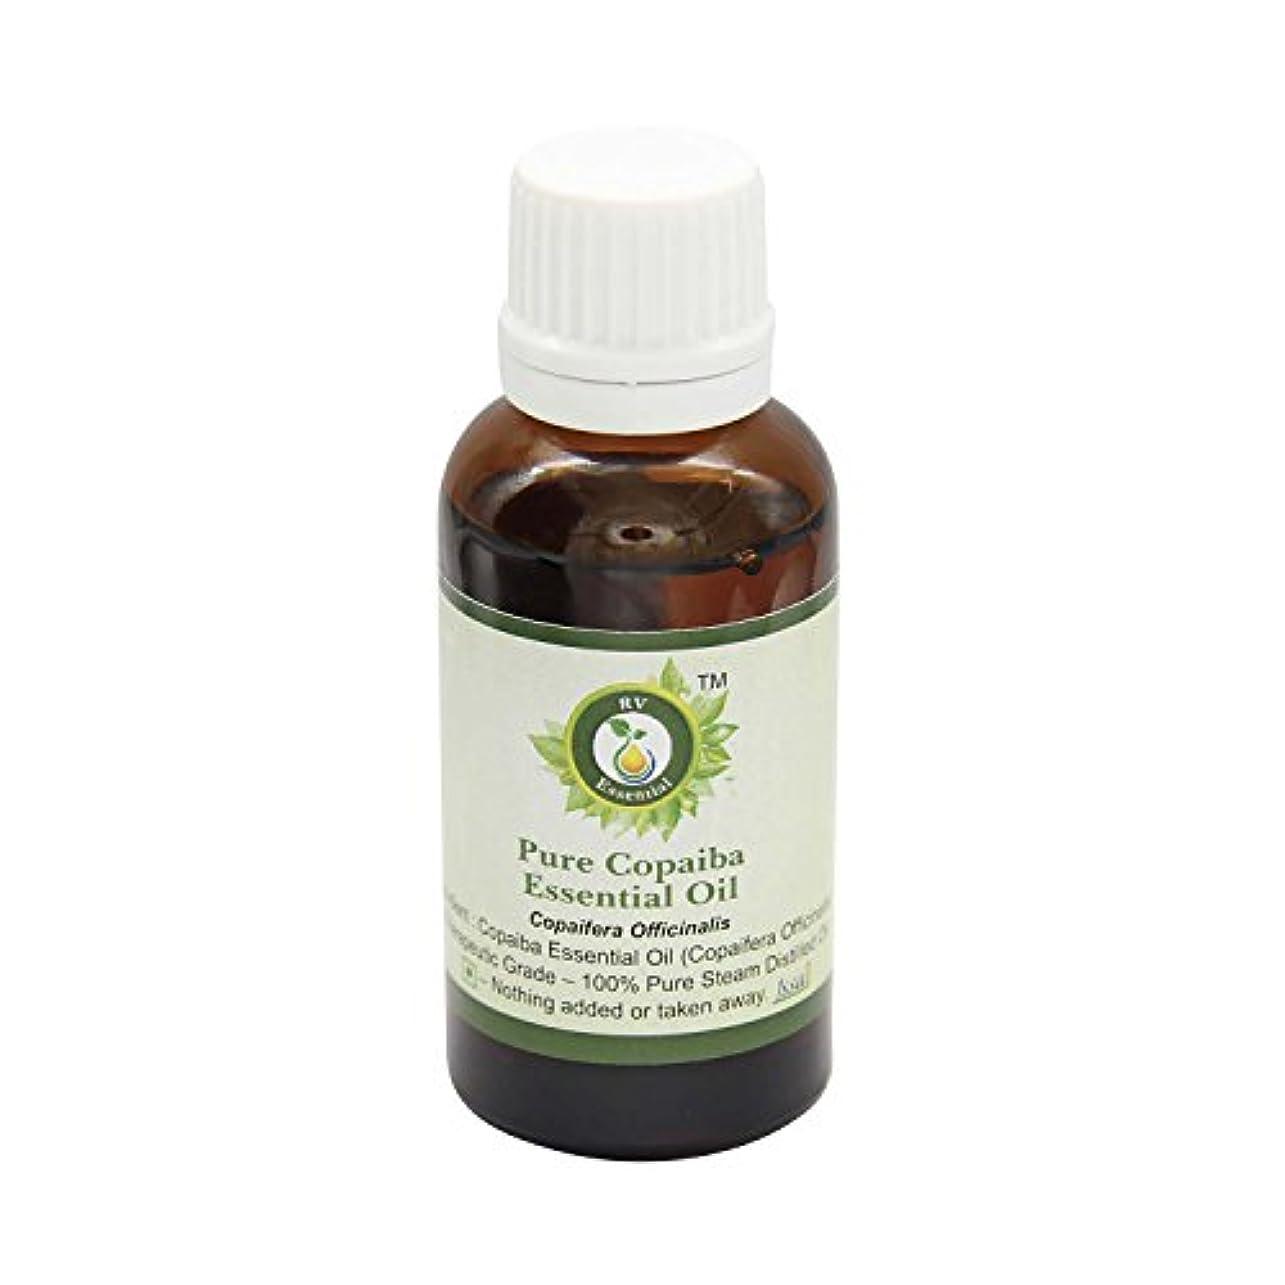 楽観初心者今後R V Essential ピュアコパイバエッセンシャルオイル10ml (0.338oz)- Copaifera Officinalis (100%純粋&天然スチームDistilled) Pure Copaiba Essential...